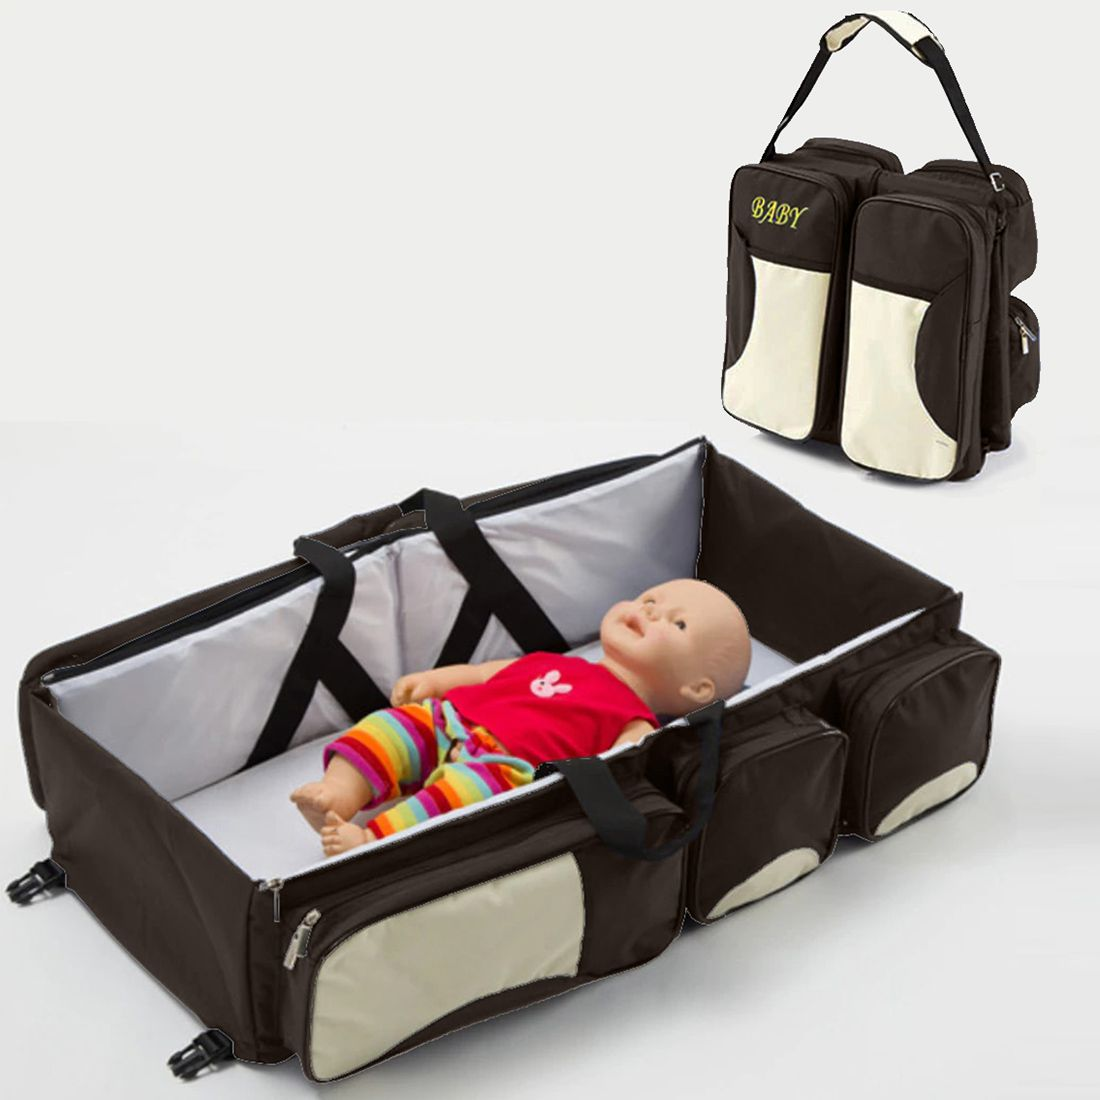 Bolsa Maternidade Berço Trocador Bebe Cama Viagem Marrom Multifunção